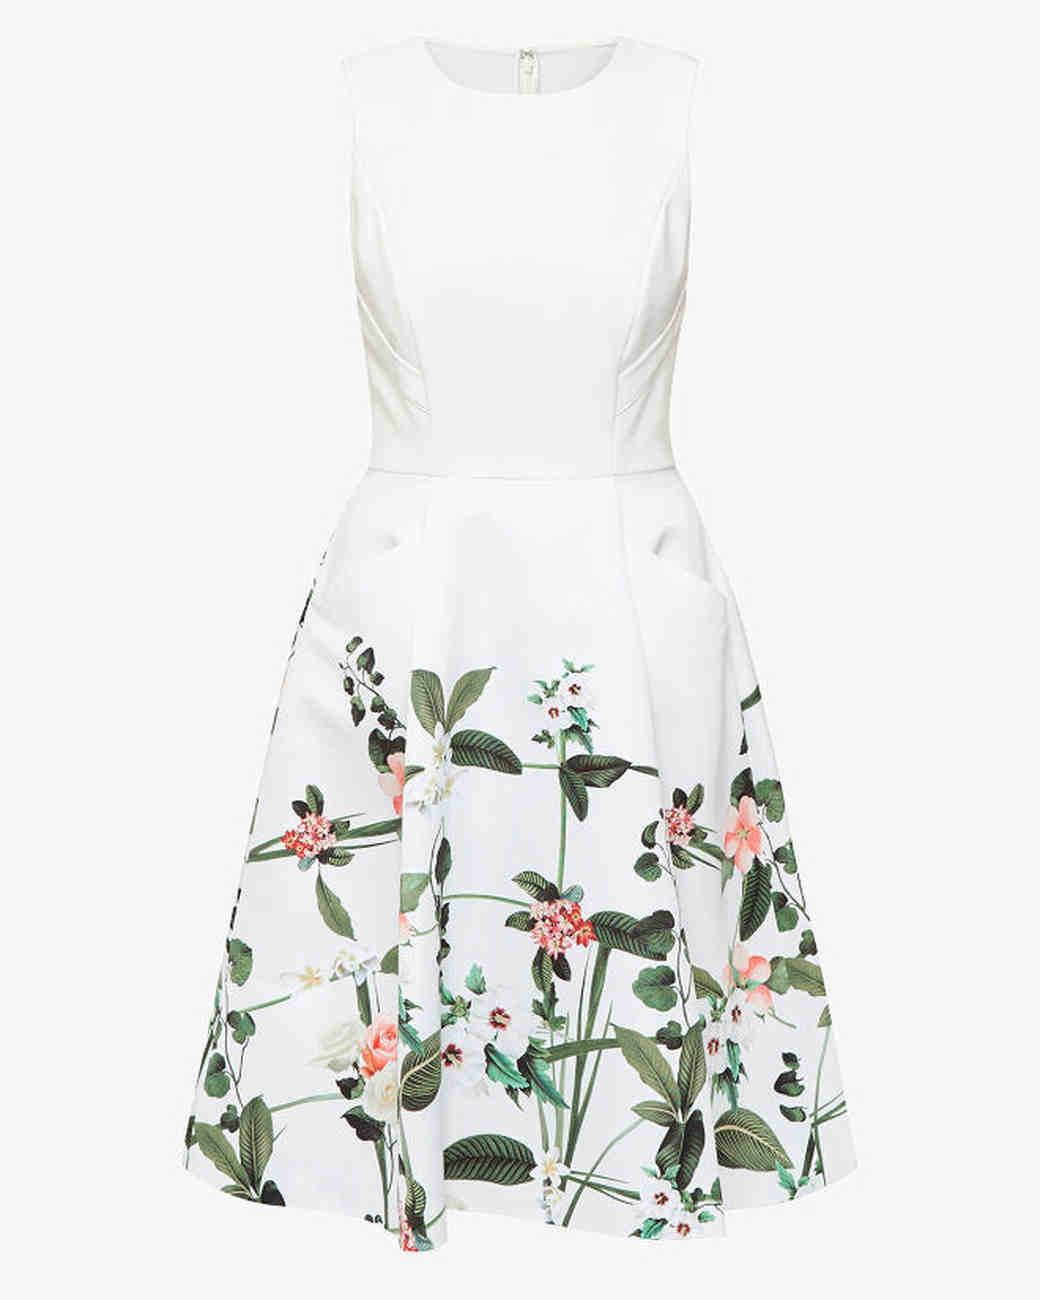 bridal-shower-dress-ted-baker-print-dress-0416.jpg